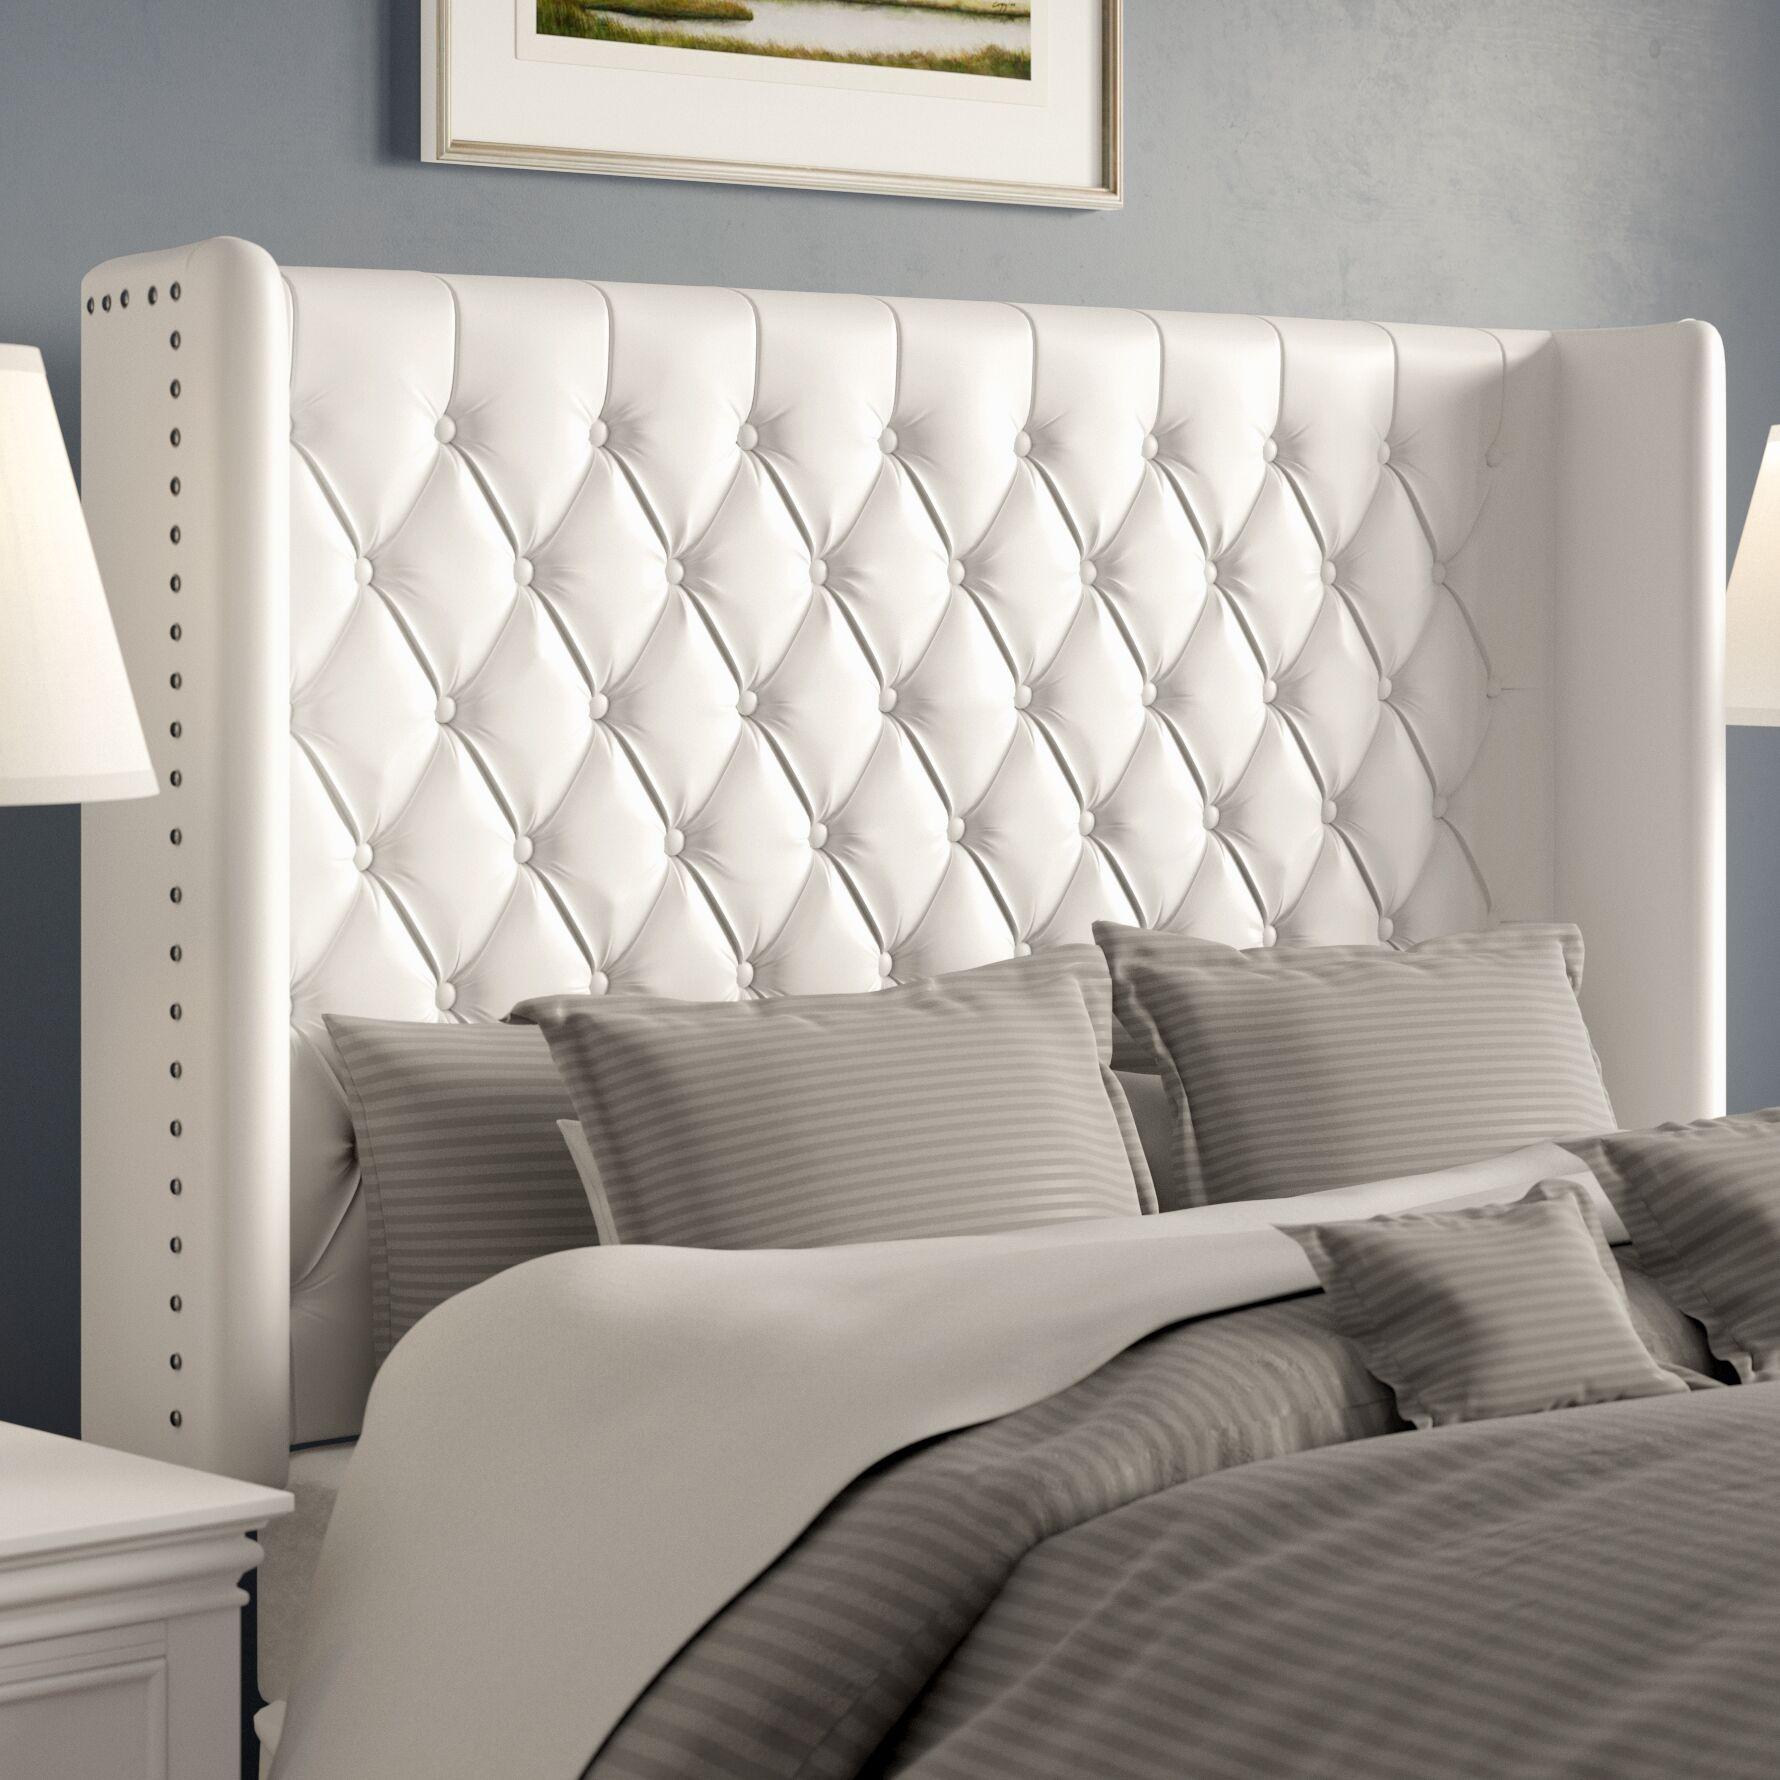 Center Trenton Upholstered Wingback Headboard Size: Full, Upholstery: Velvet White